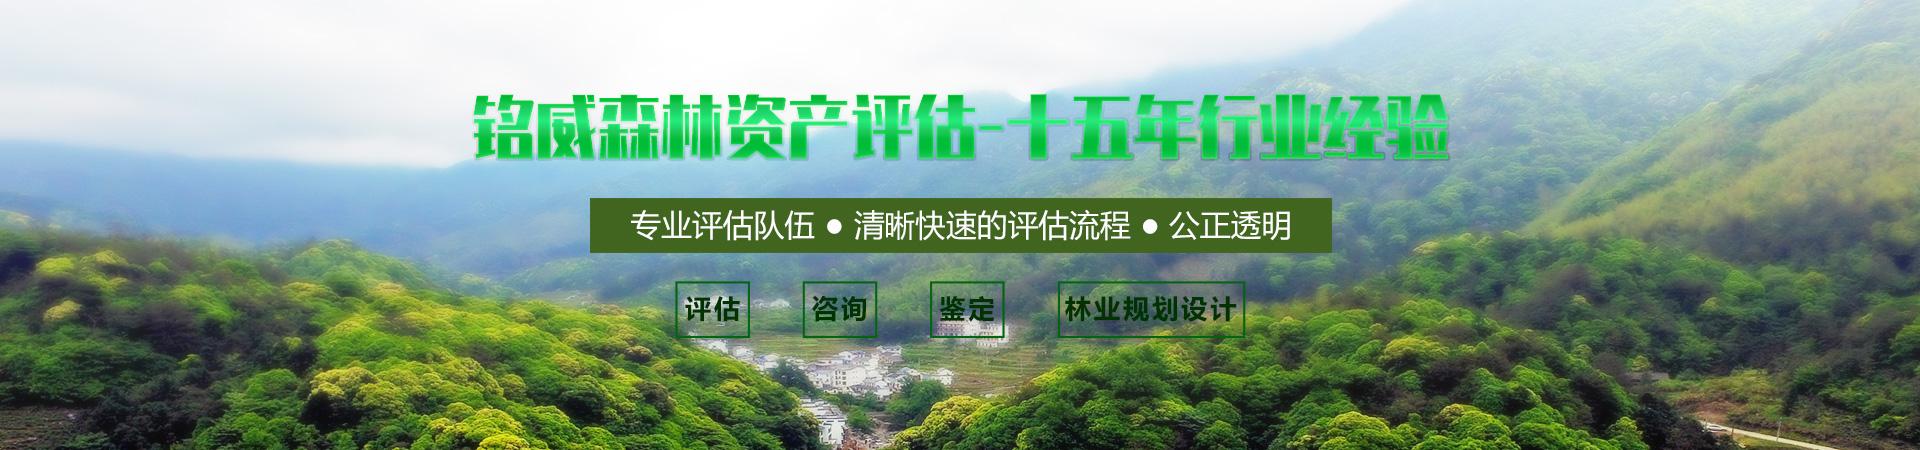 http://www.lnmingwei.com/data/upload/202103/20210301104713_321.jpg